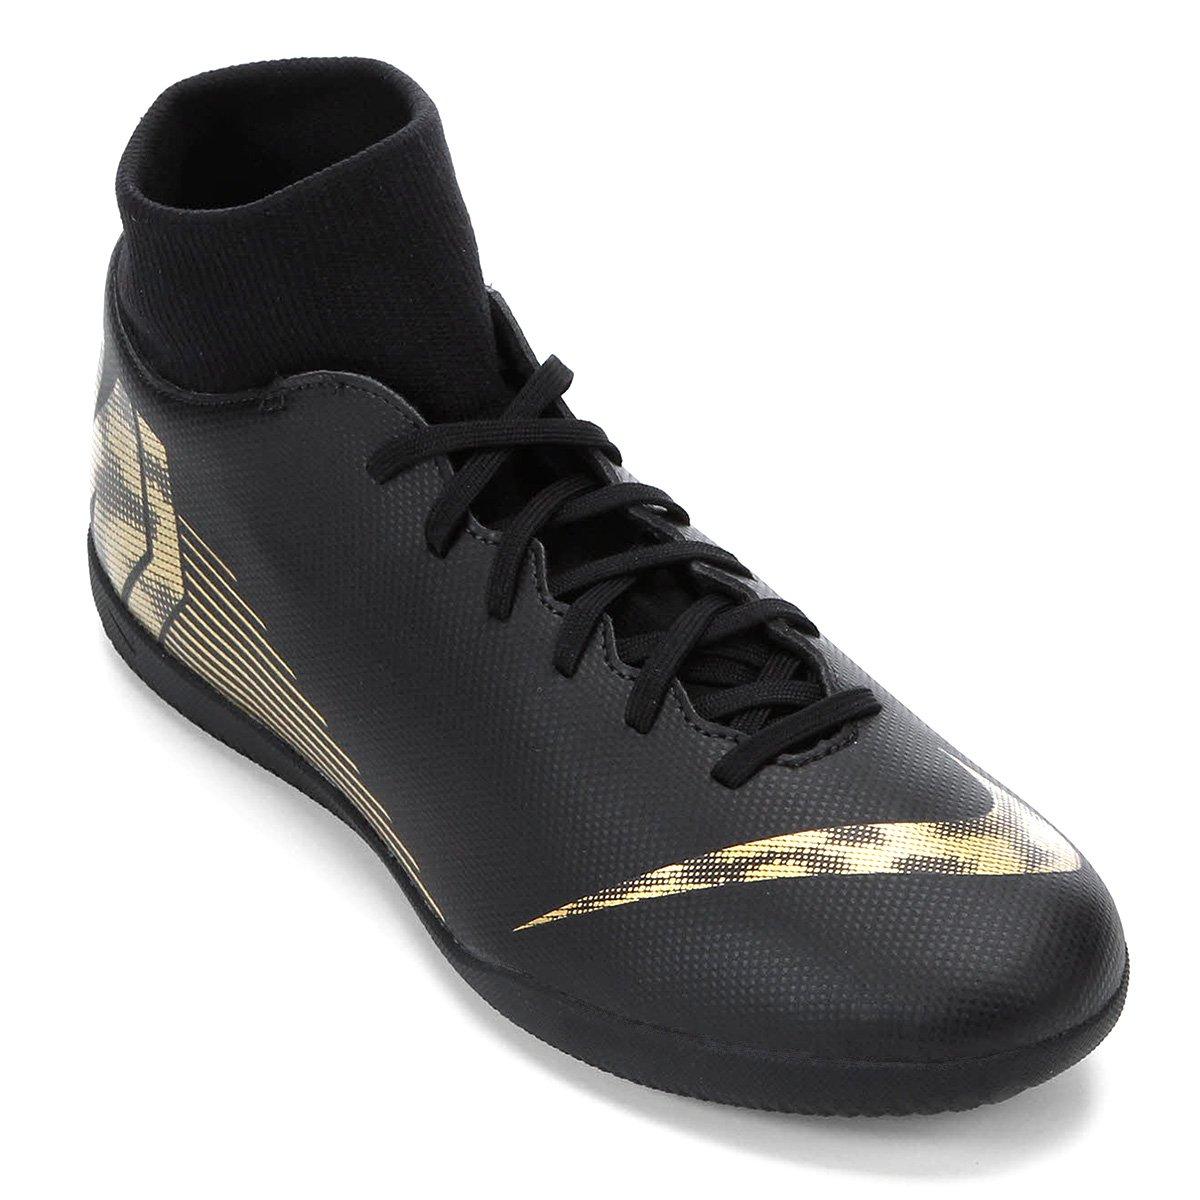 0ca4e02de4cc7 Chuteira Futsal Nike Mercurial Superfly 6 Club - Preto e Dourado - Compre  Agora